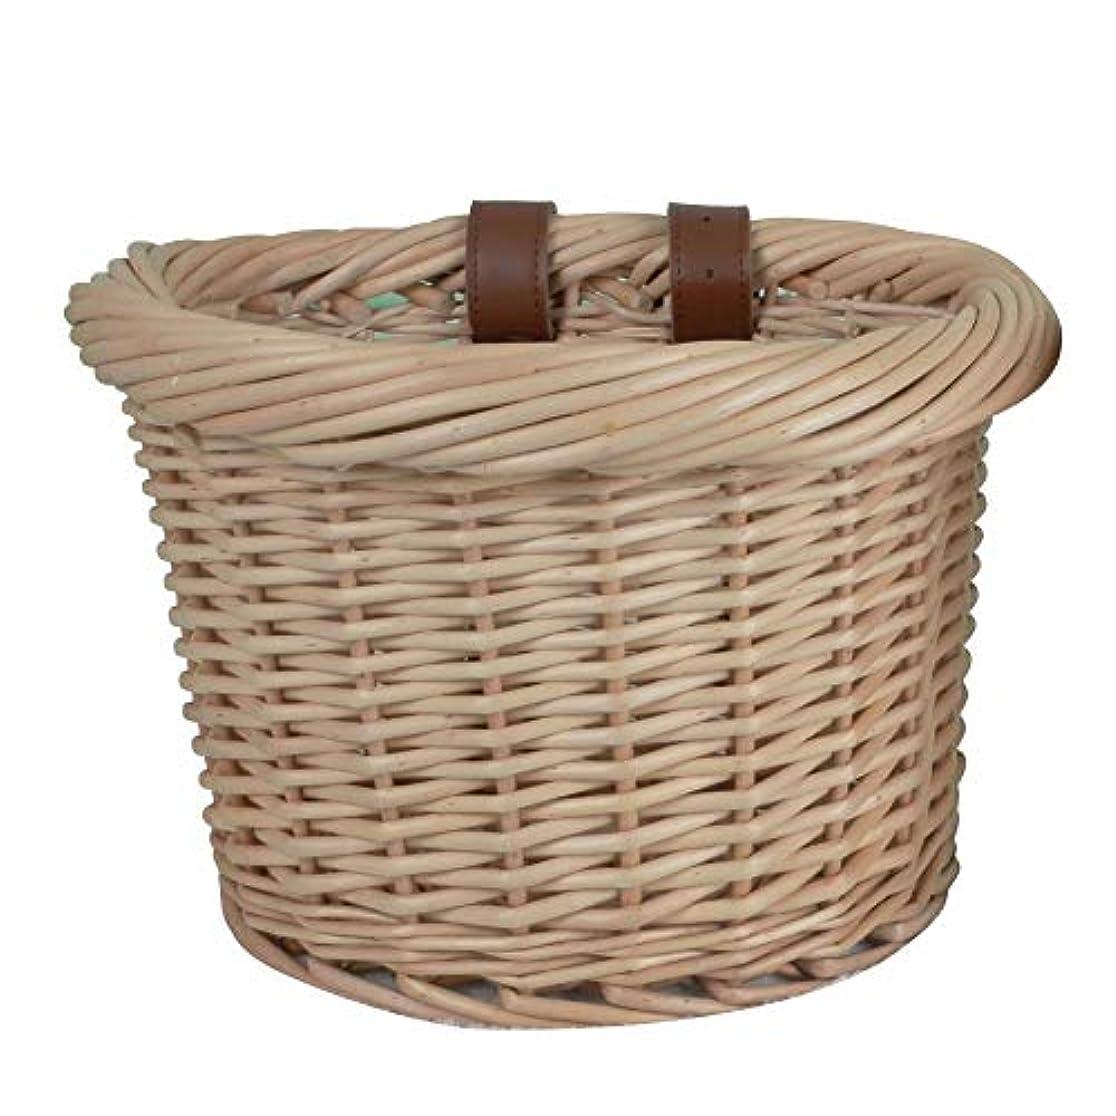 定数カンガルー手錠自転車バスケット屋外カーバスケット環境に優しい手織り自転車 カゴ籐編みバスケット